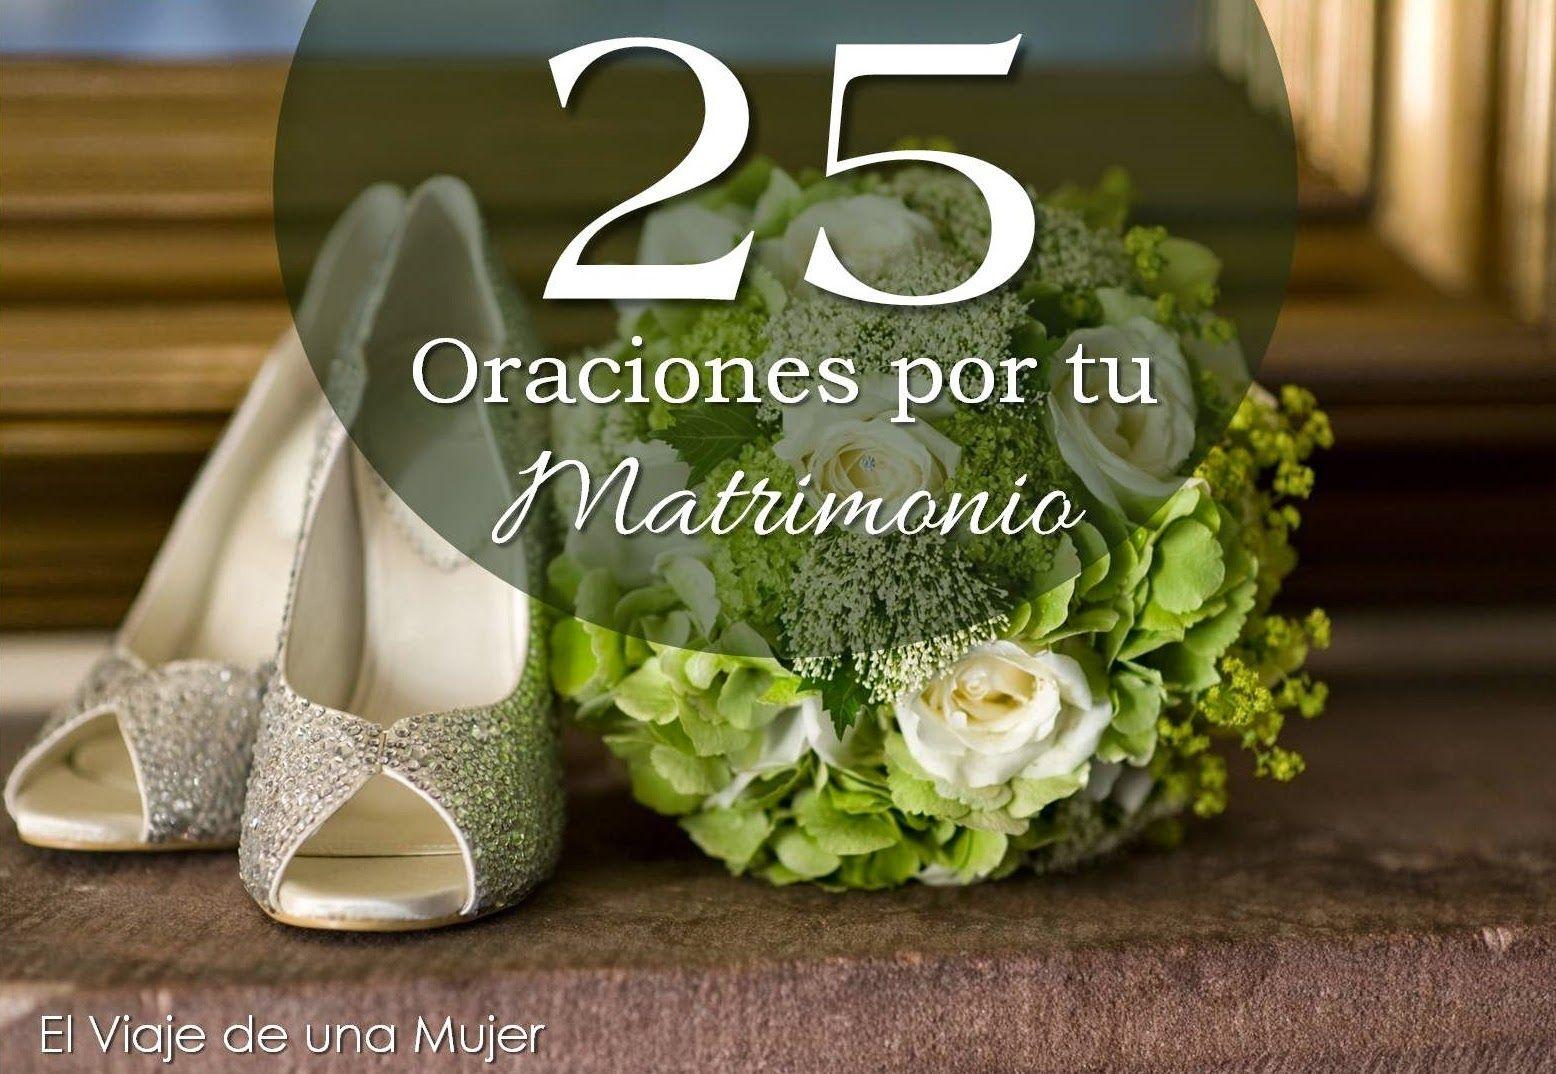 Oracion Matrimonio Catolico : El viaje de una mujer oraciones por tu matrimonio